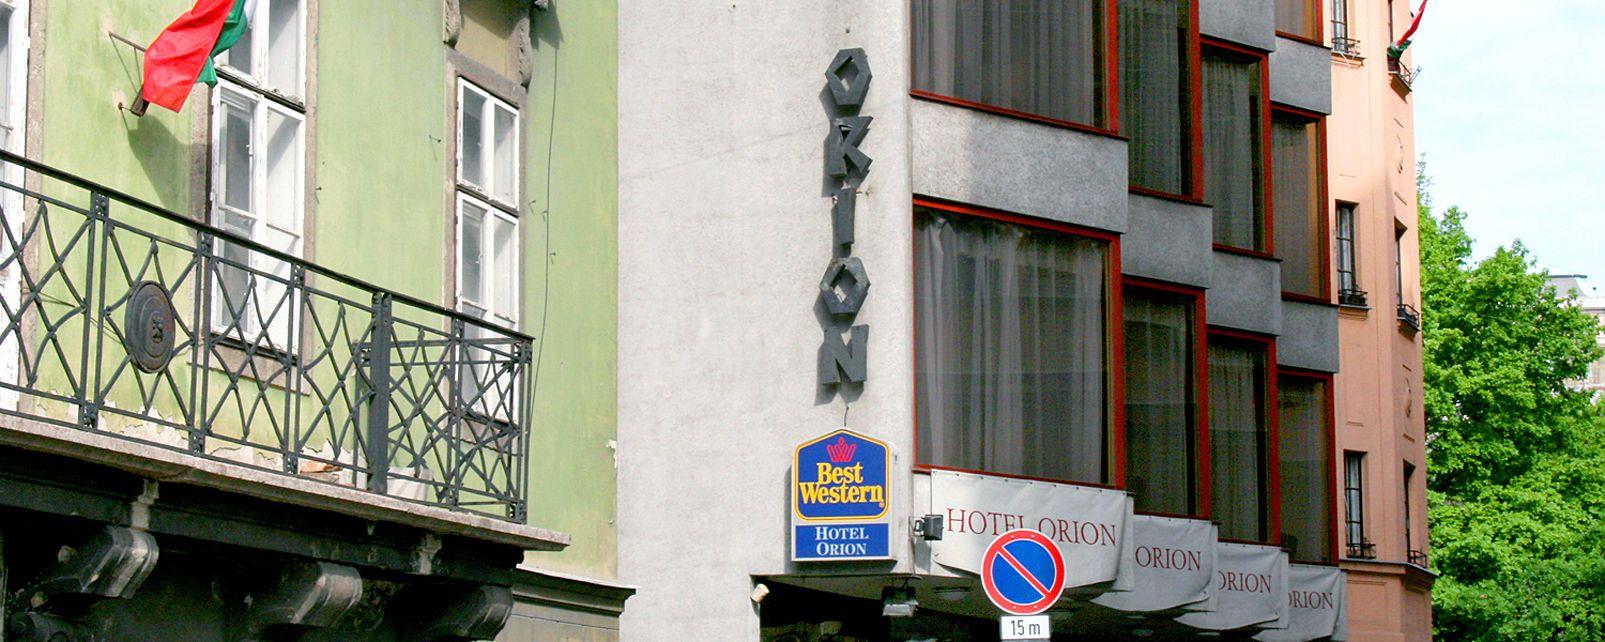 Hotel Best Western Orion